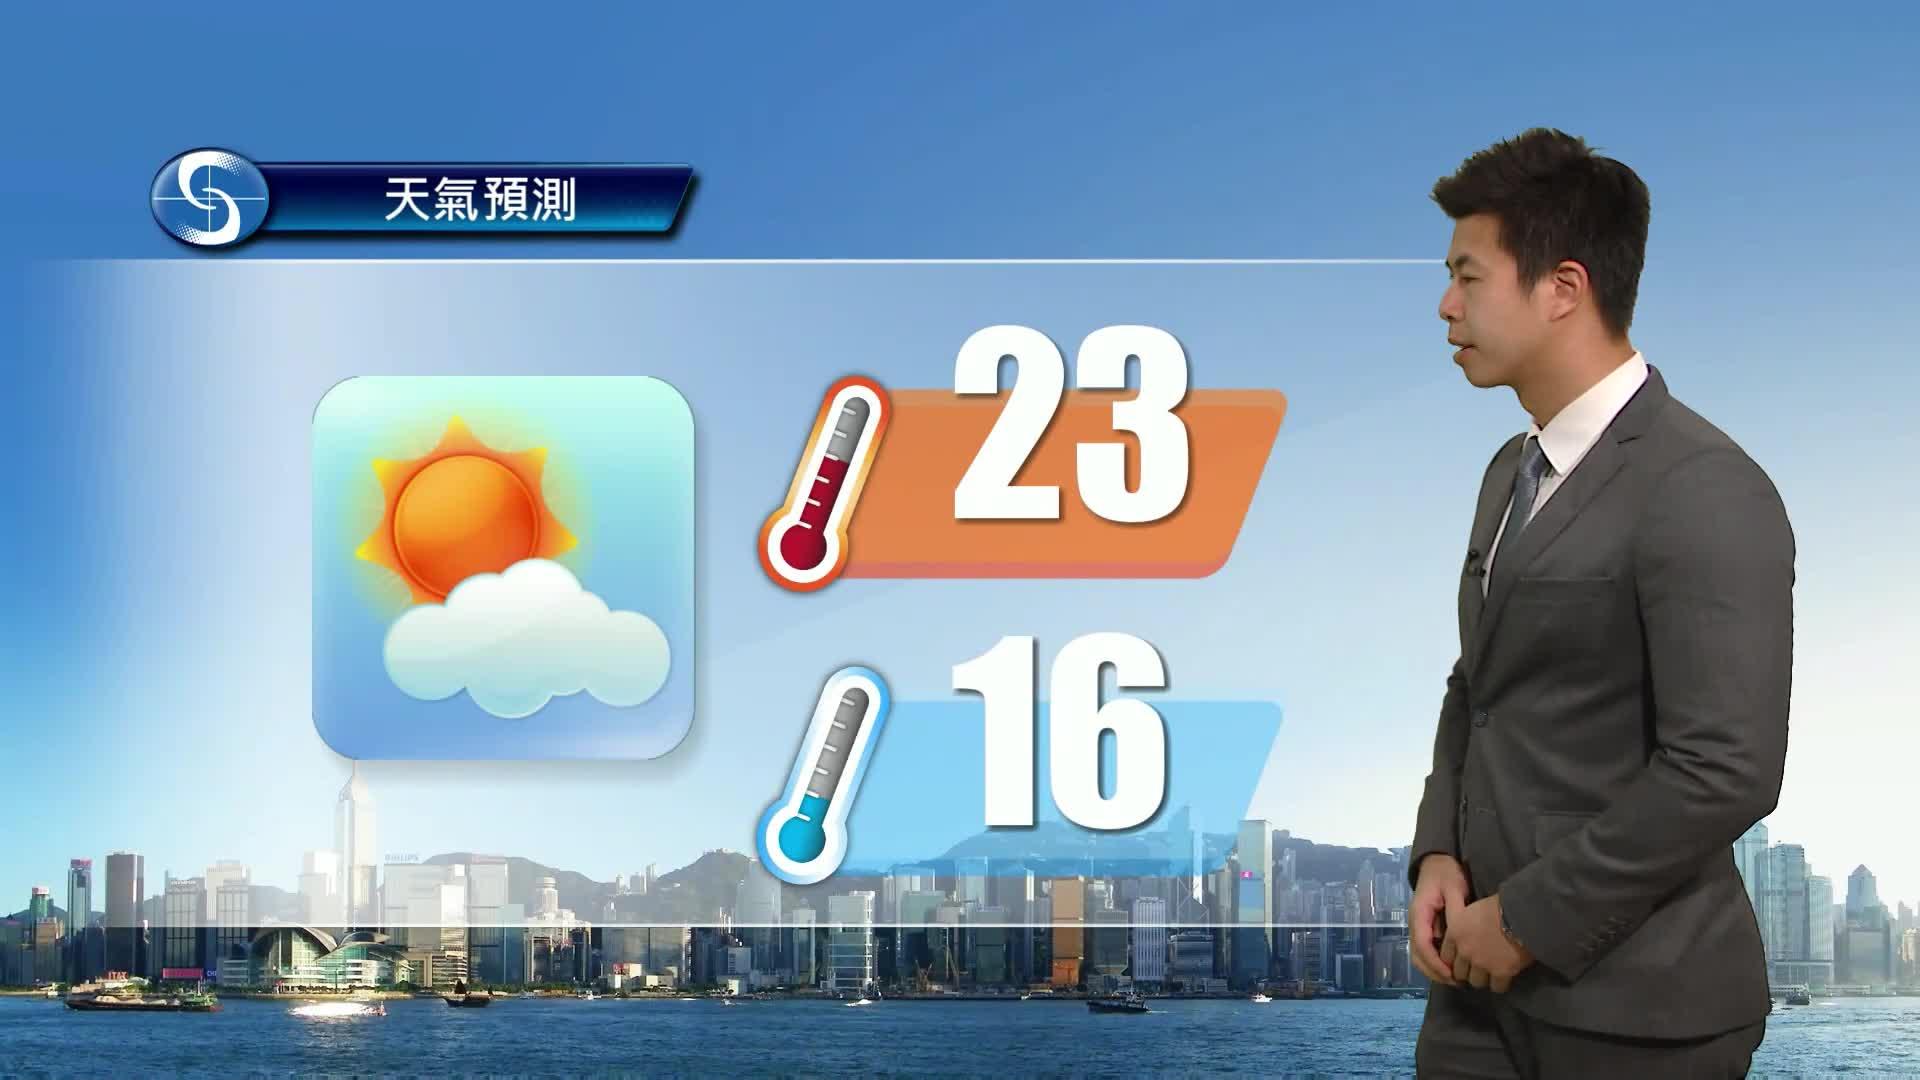 黃昏天氣節目(01月27日下午6時) - 科學主任黎宏駿